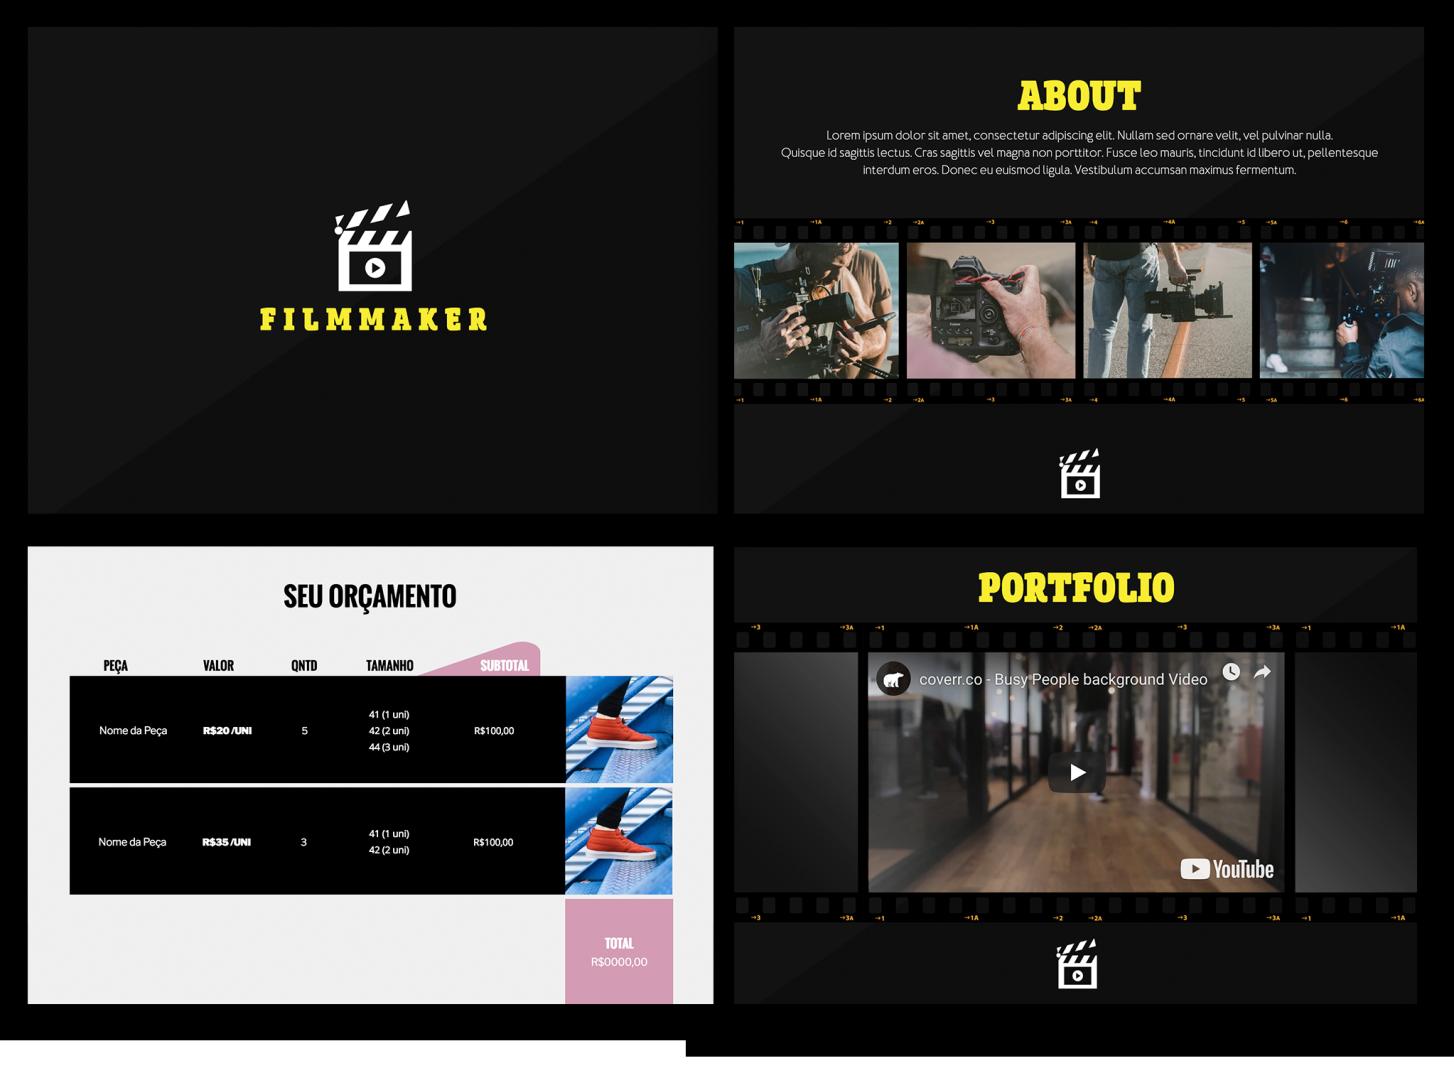 filmmaker proposal - Proposta de prestação de serviços : 10 formatos e modelos que fecham vendas